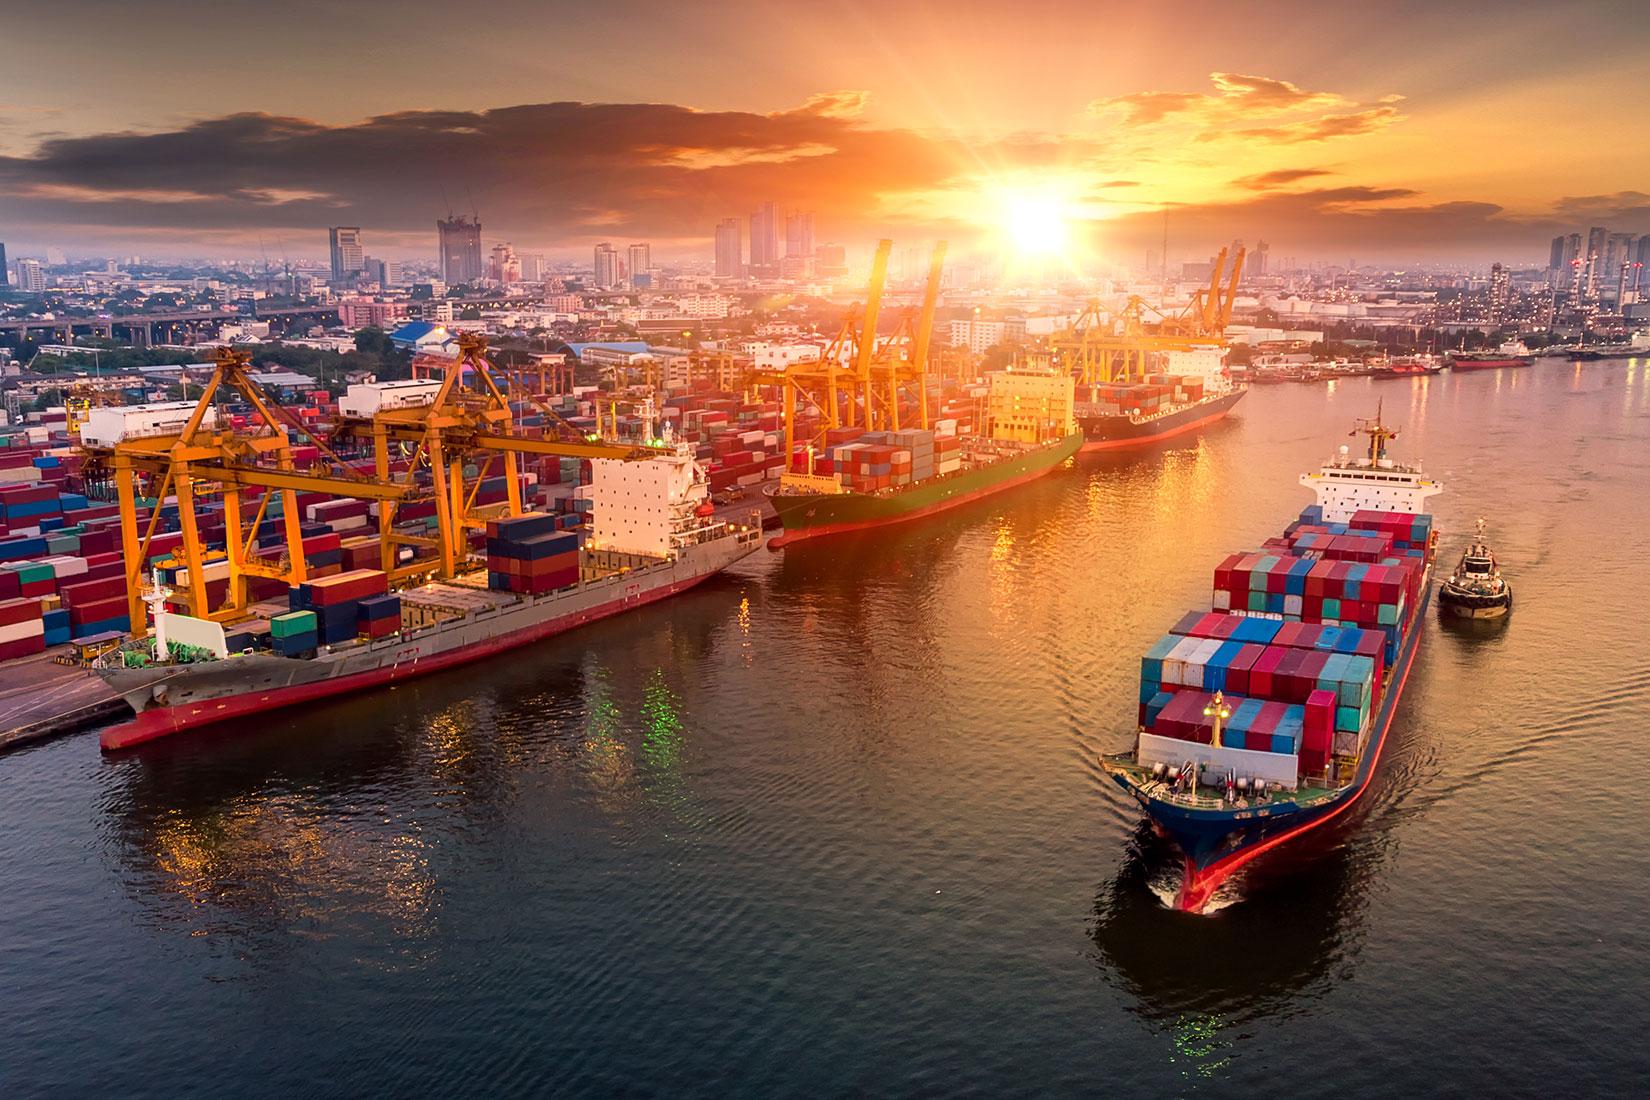 経済の集団防衛は可能かーー中国・オーストラリア対立からの視点